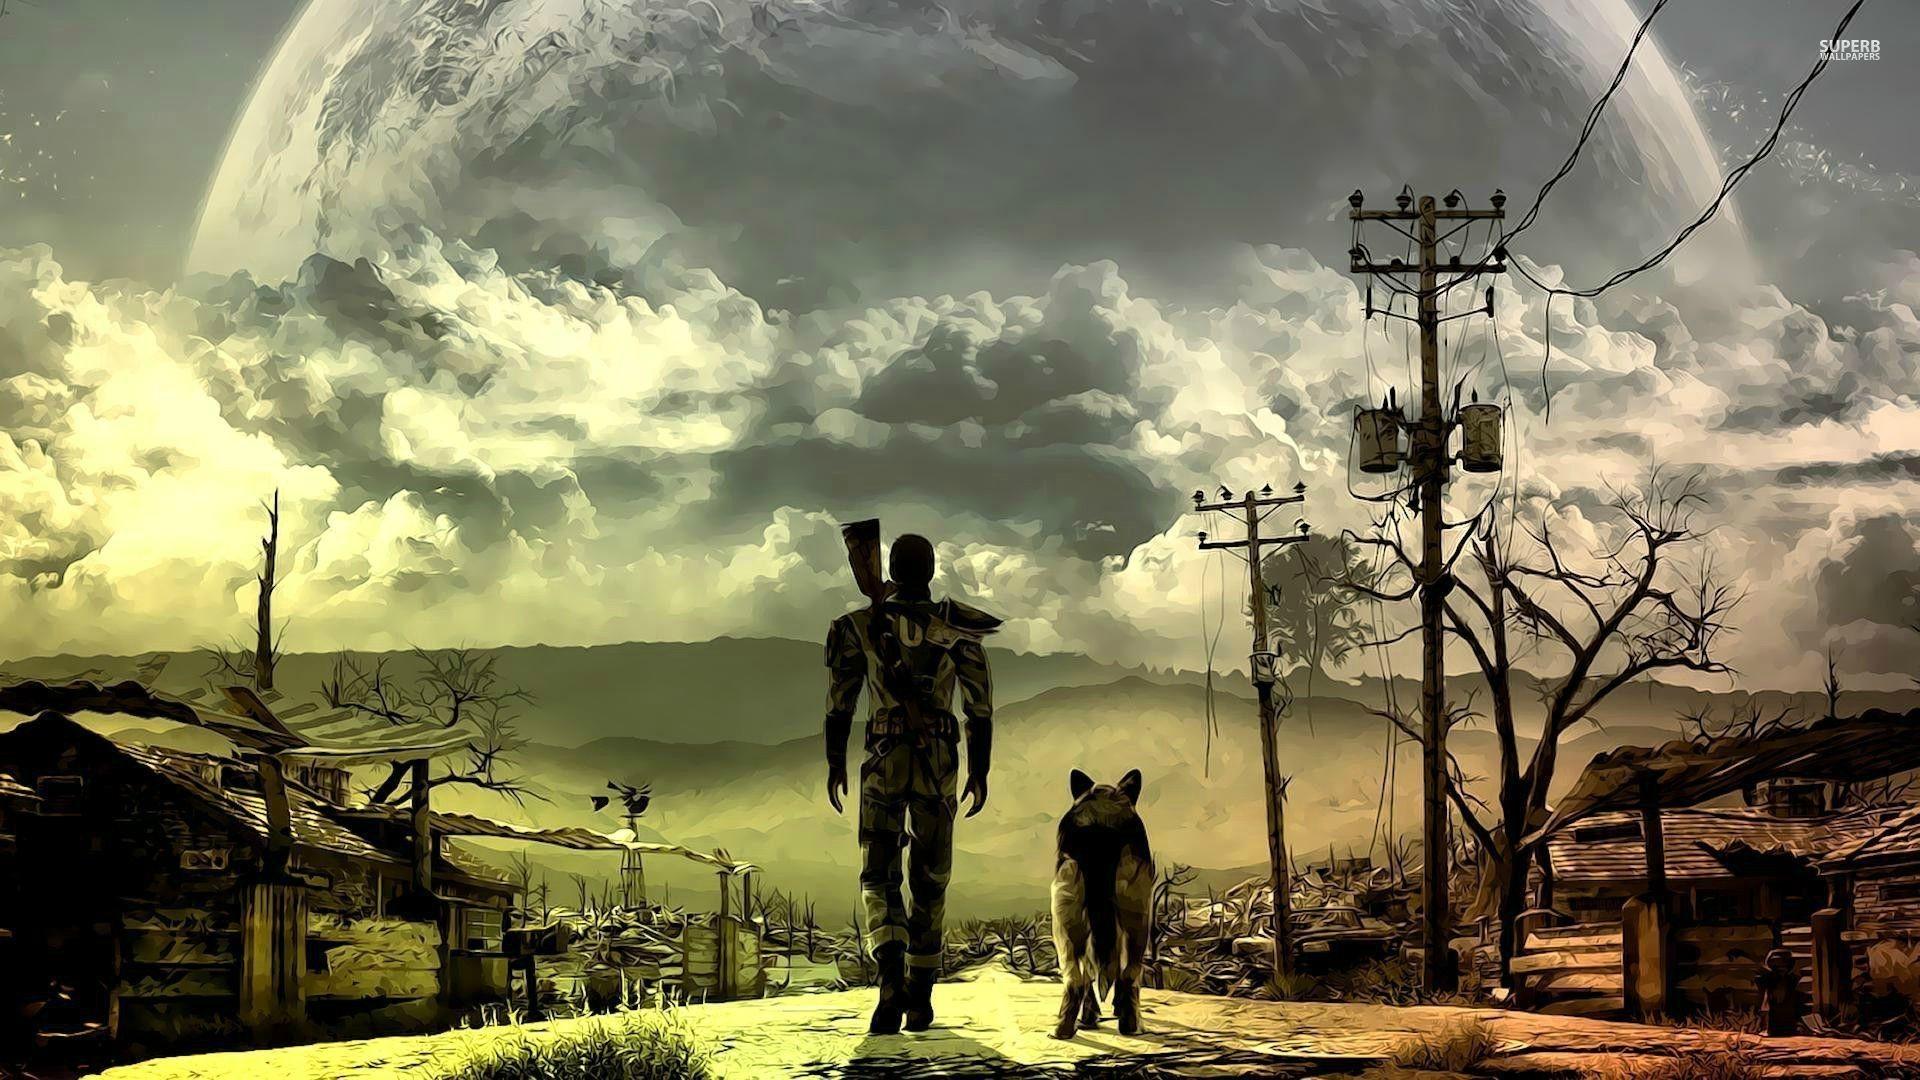 Res: 1920x1080, Fallout Wallpapers  - WallpaperSafari .